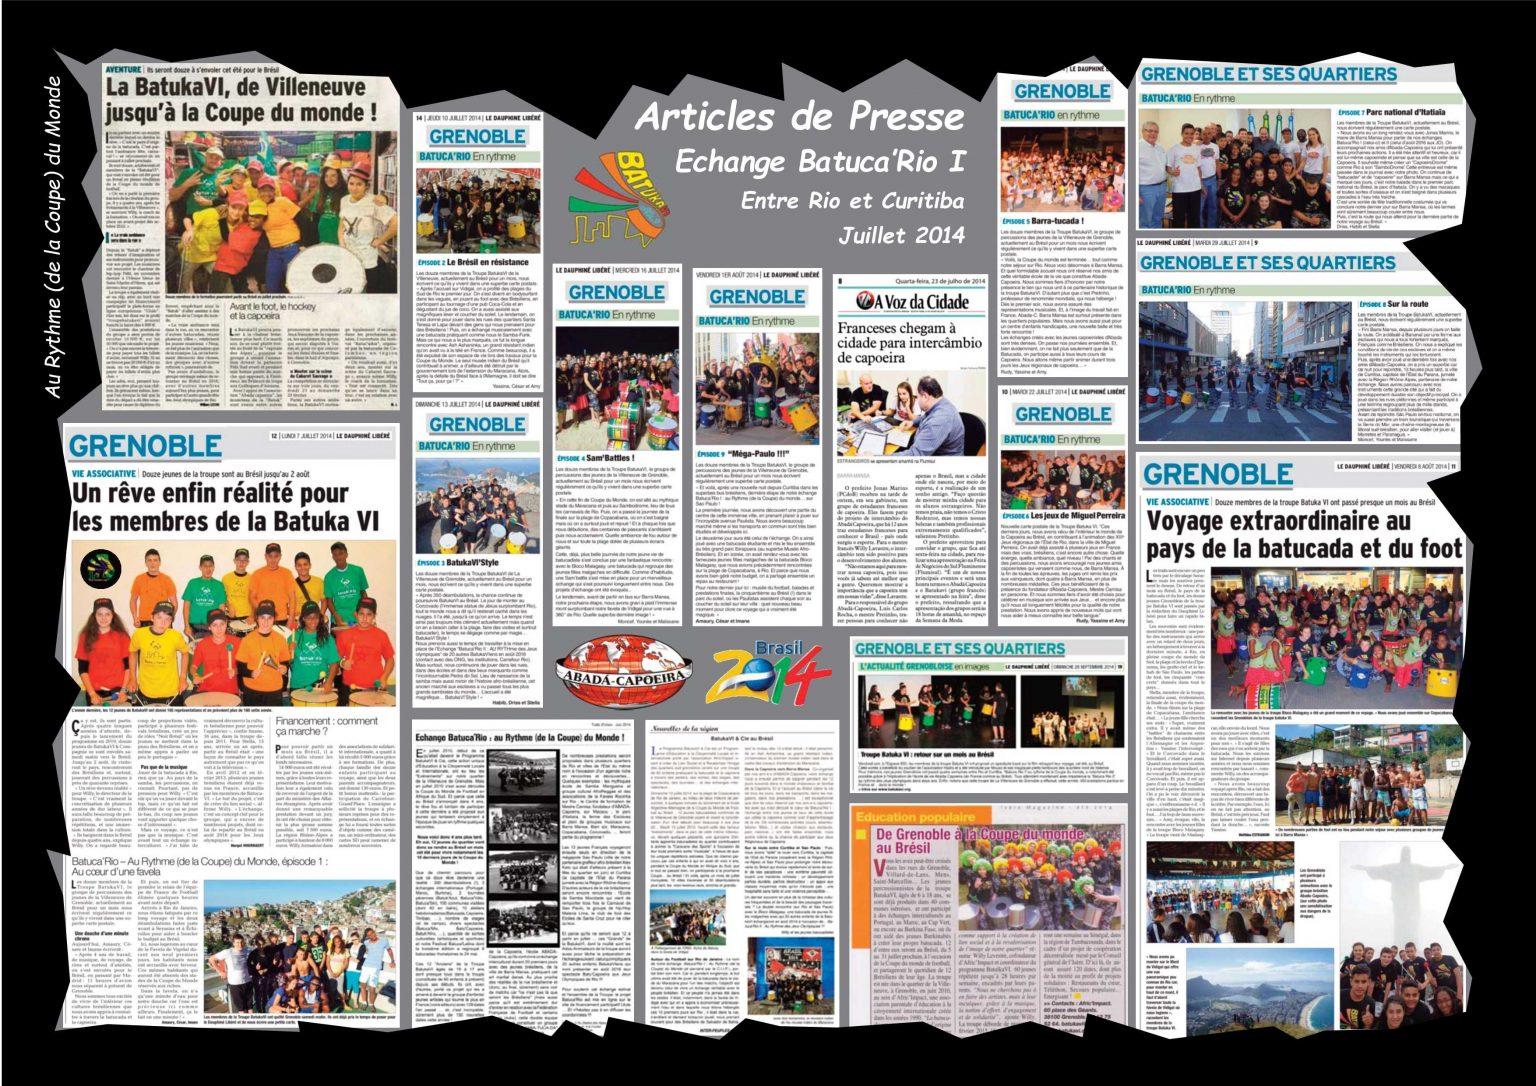 BatukaVI - Panneau Articles 2014-07 Echange Batuca'Rio I (Réduit)